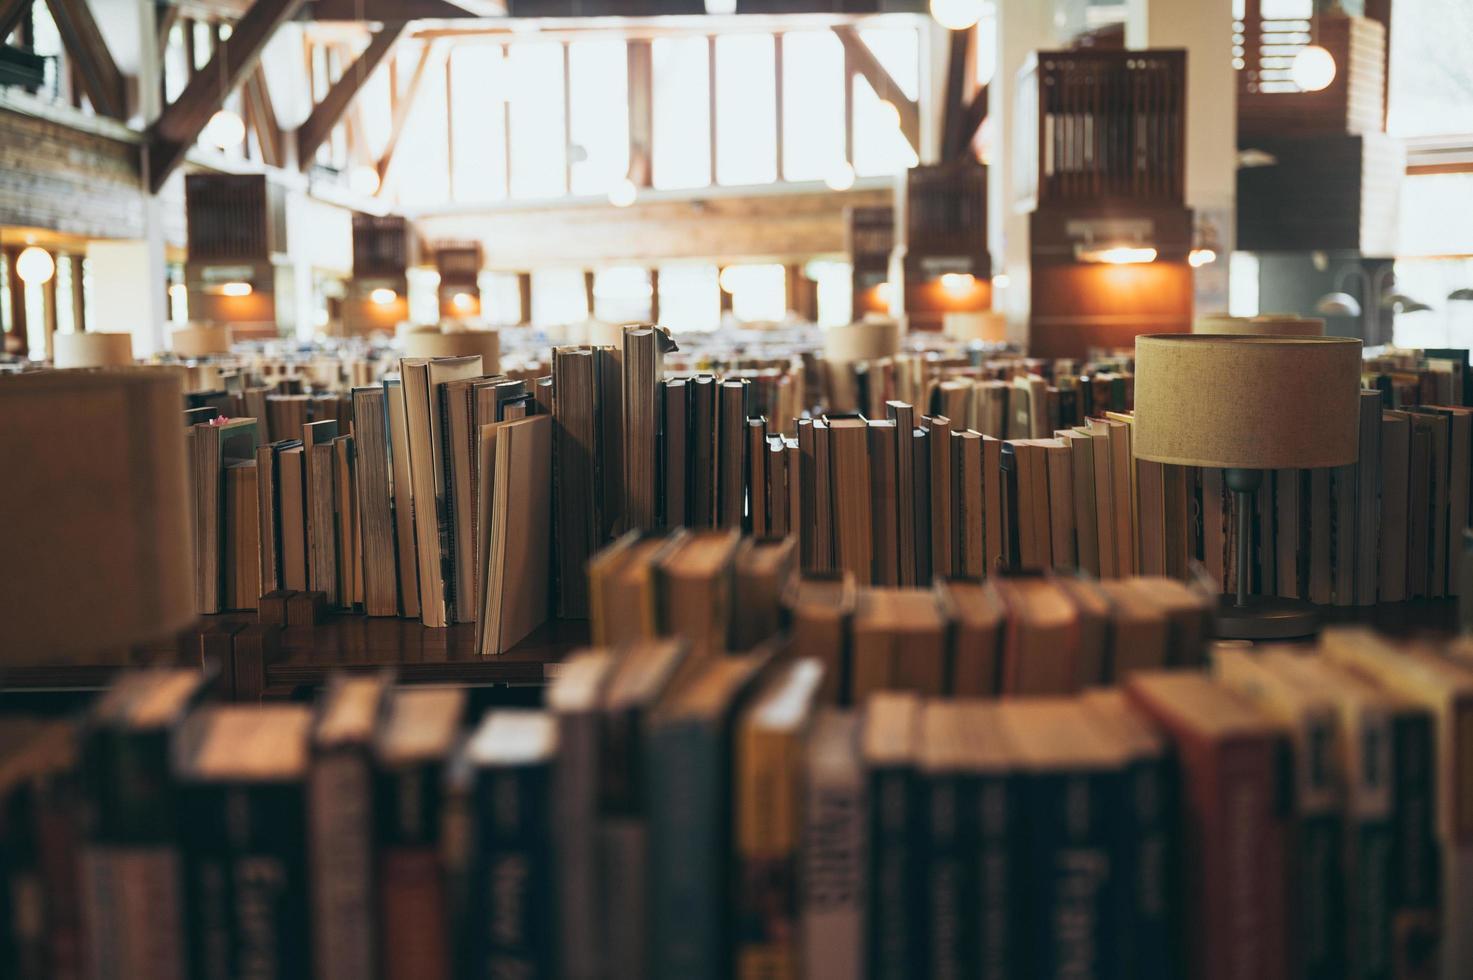 boeken in grote openbare bibliotheek foto